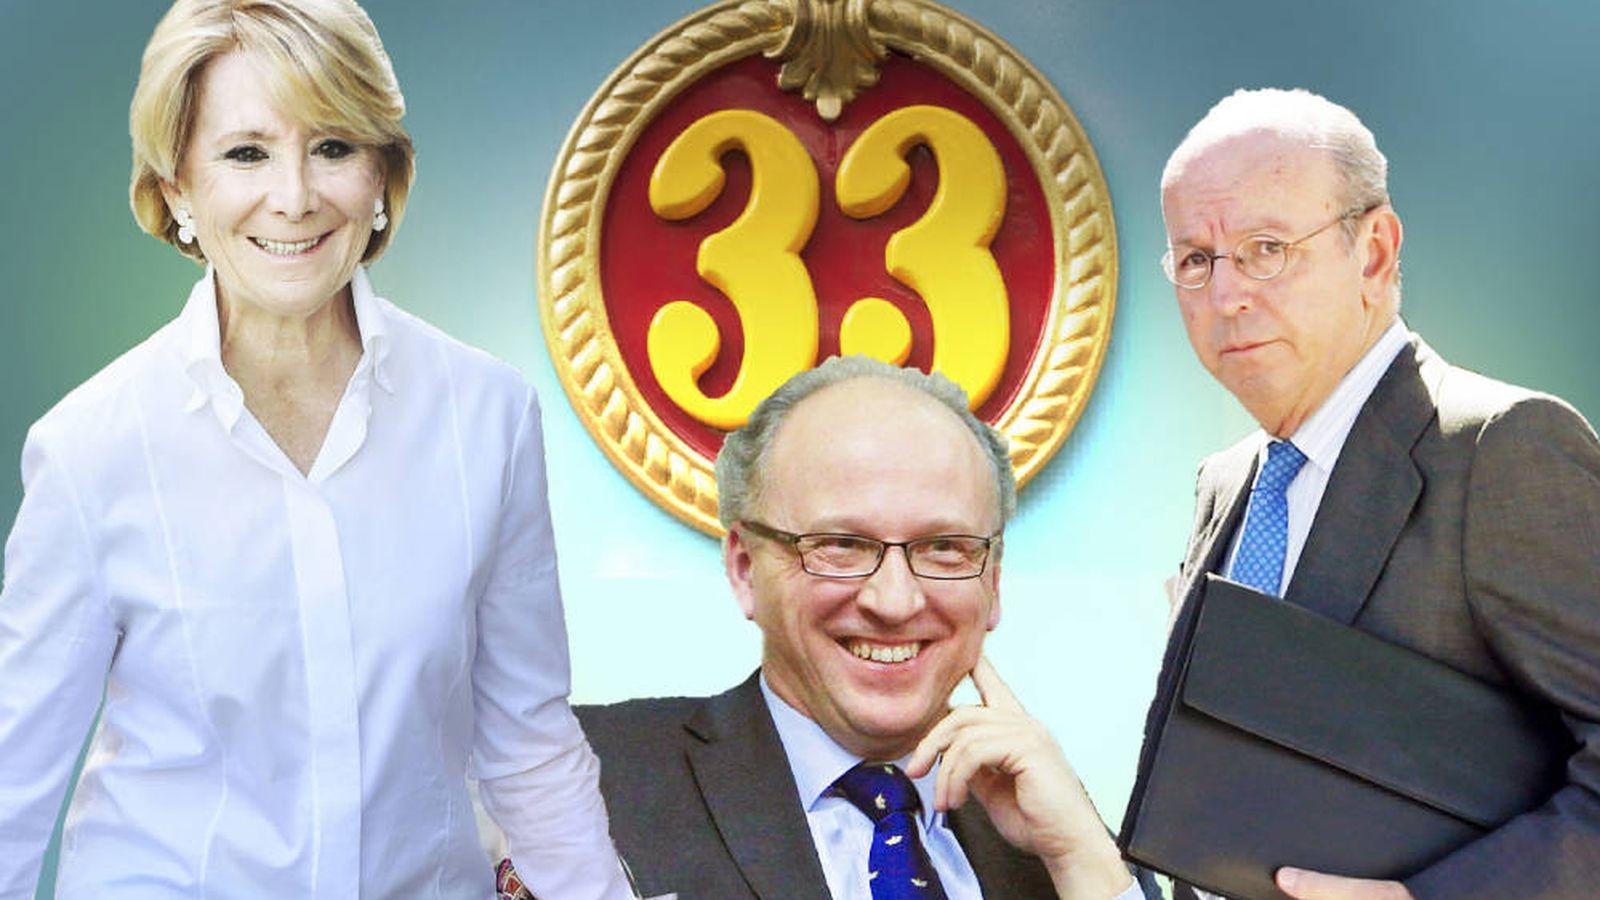 Foto: Algunos de los expolíticos que se benefician del 'nivel 33'. (EC)